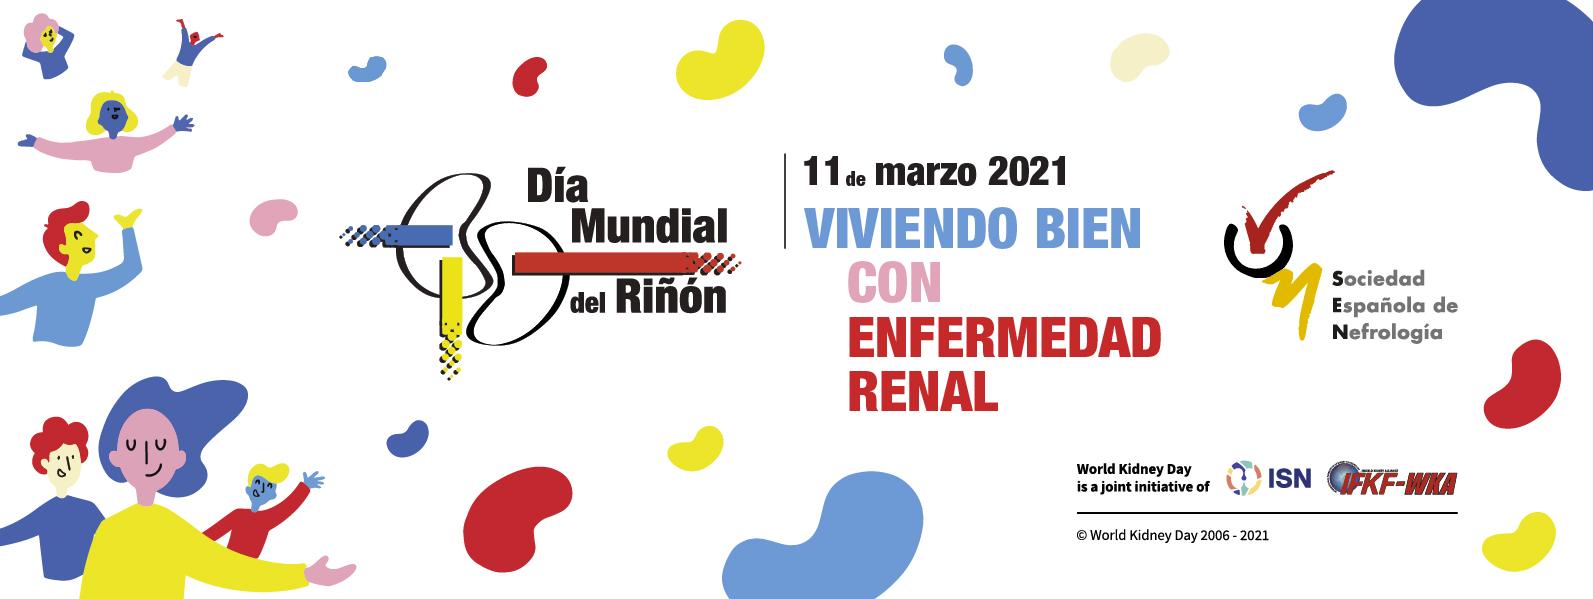 Jose Corbacho, Martín Berasategui, Pablo Milanés, y Miguel Ángel Revilla se unen a pacientes y profesionales sanitarios para alertar del crecimiento de la enfermedad renal y de la importancia de cuidar la salud de los riñones para prevenirla